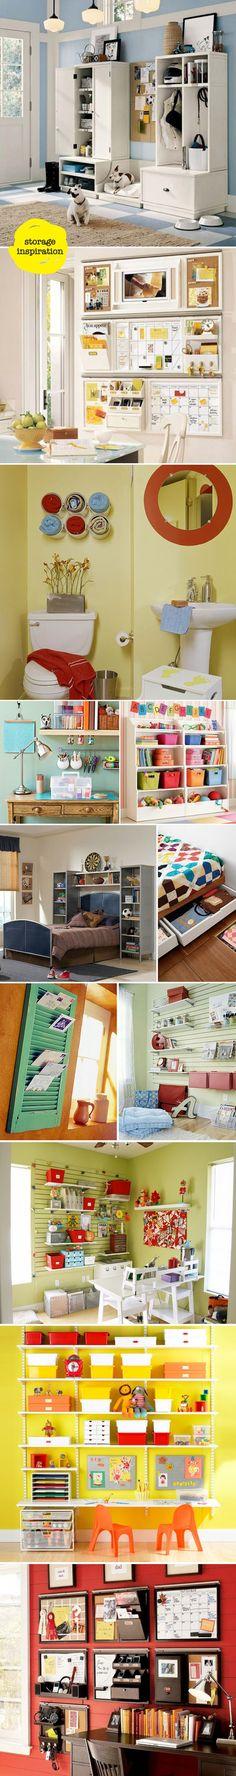 12 Brilliant Ideas for Interior Design! That's Quite Inspirational!